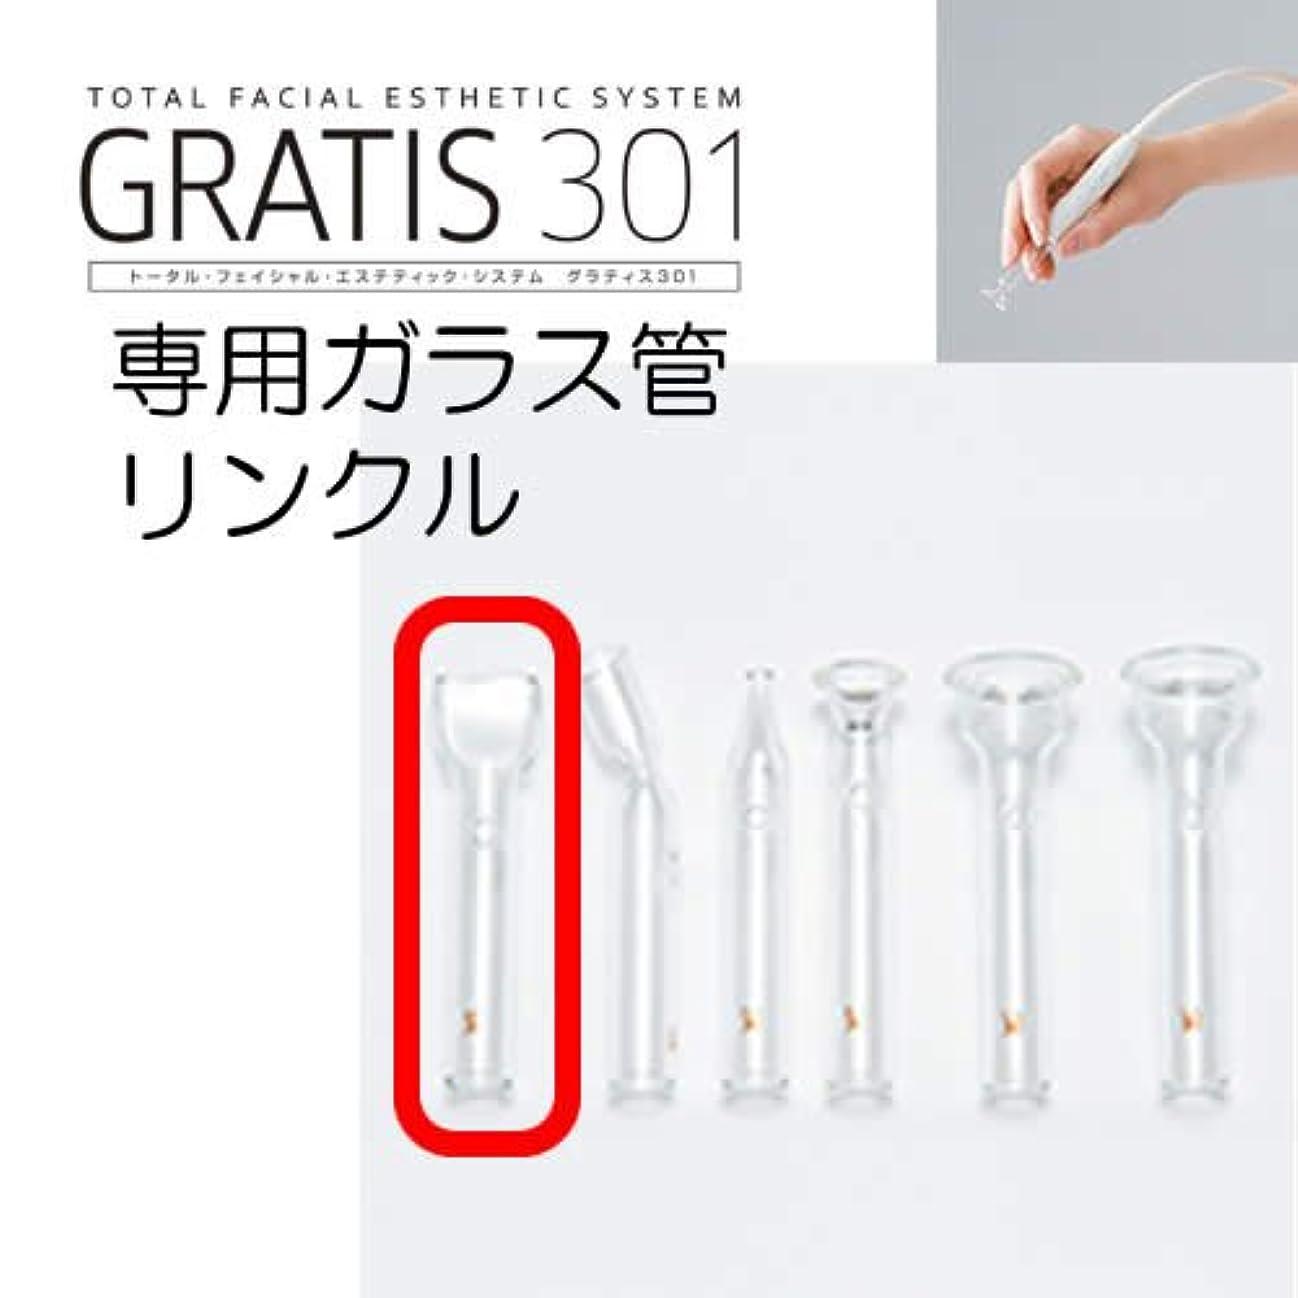 嘆願スポット過度にGRATIS 301(グラティス301)専用ガラス管 リンクル(2本セット)